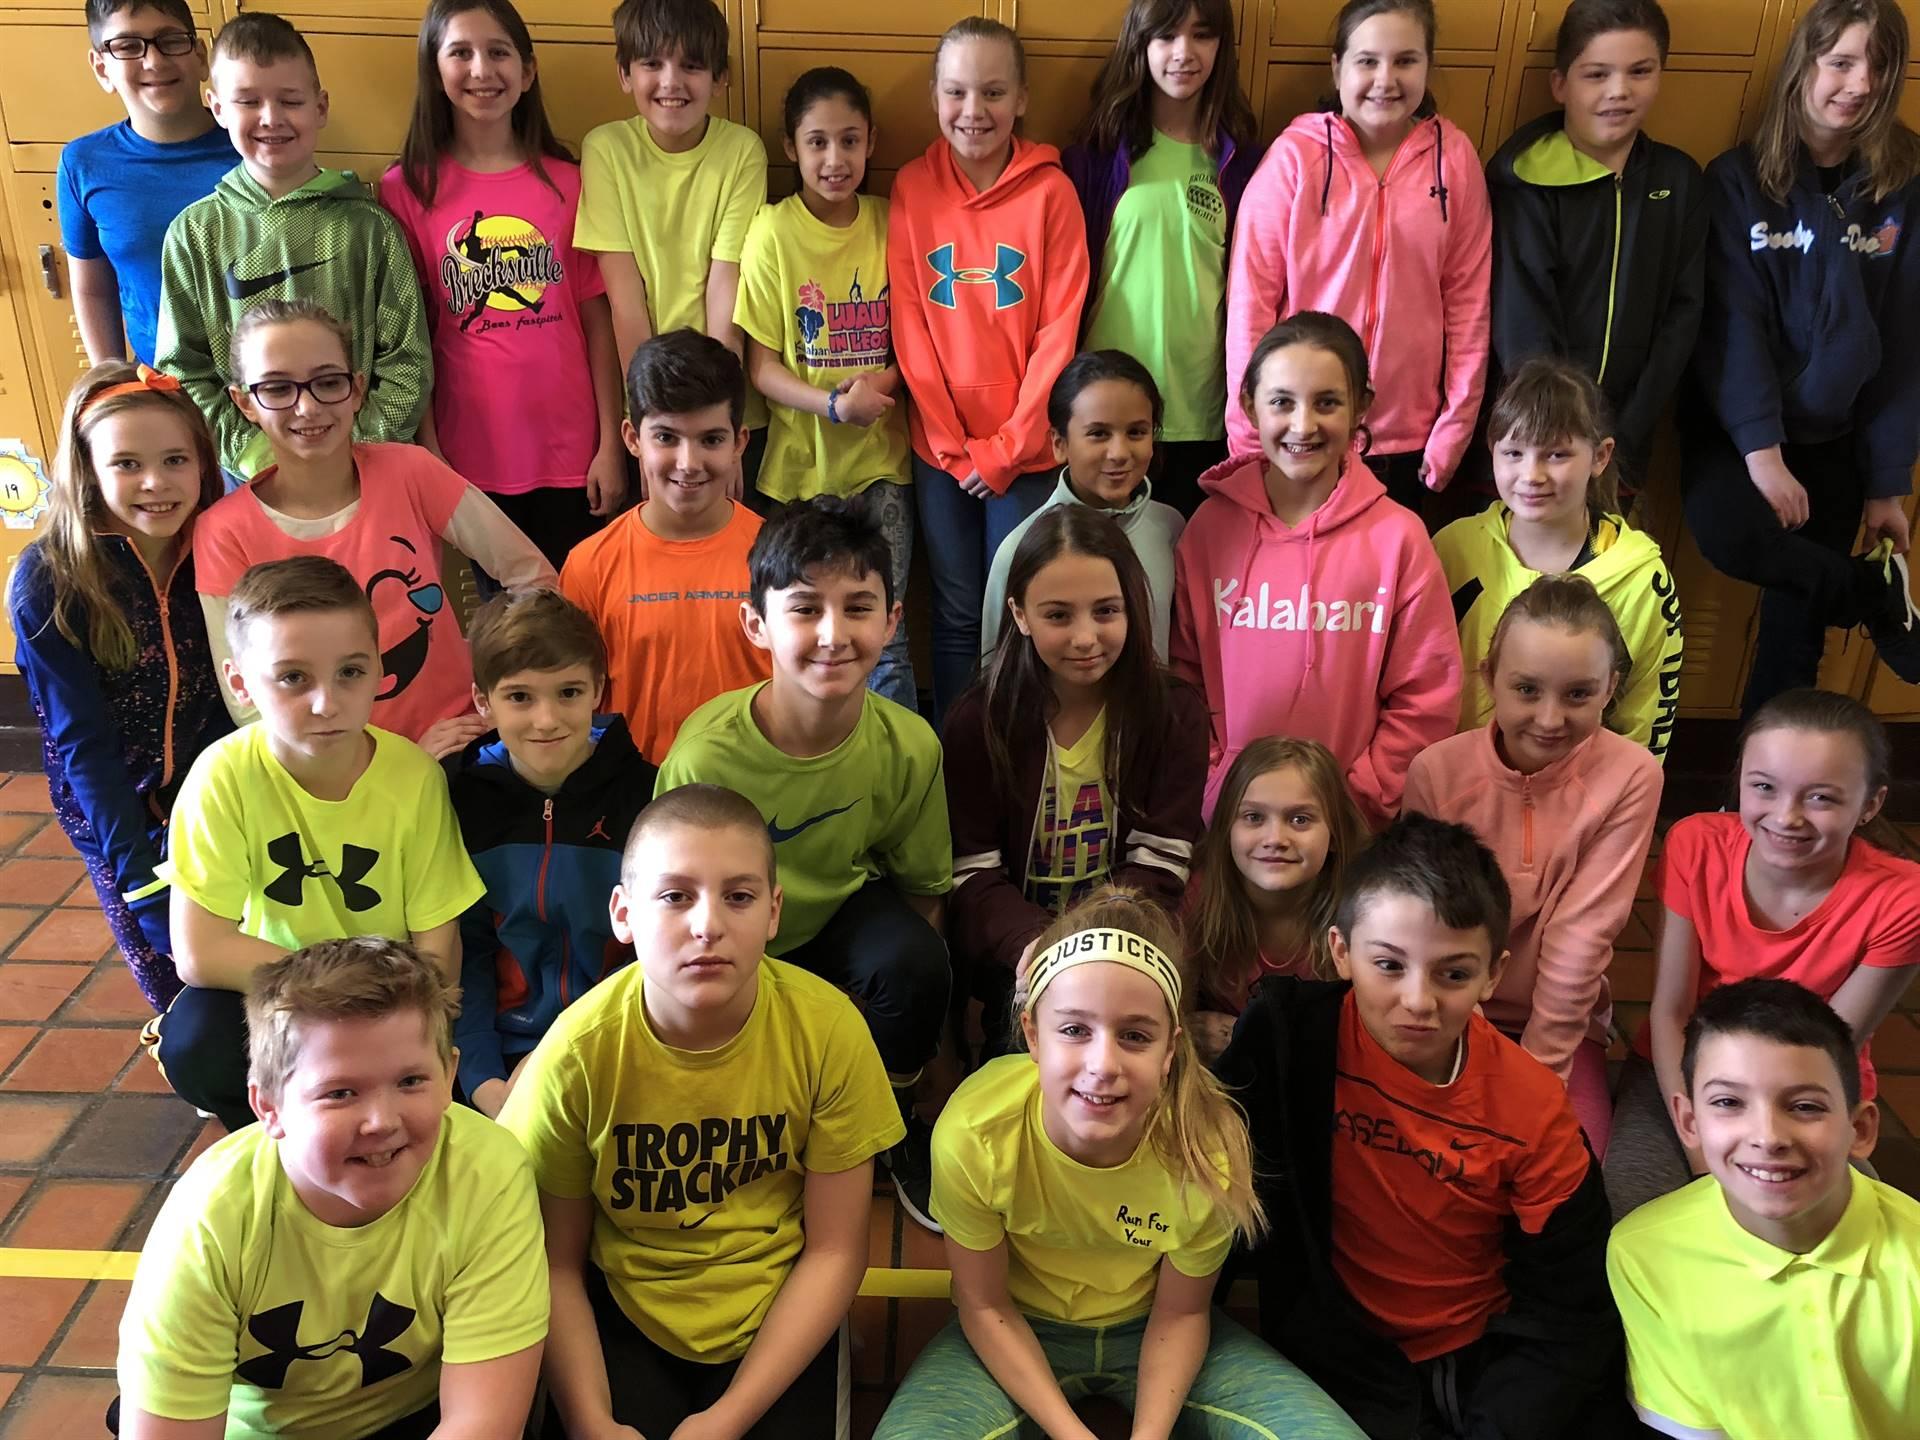 Neon Day 5th Grade Class